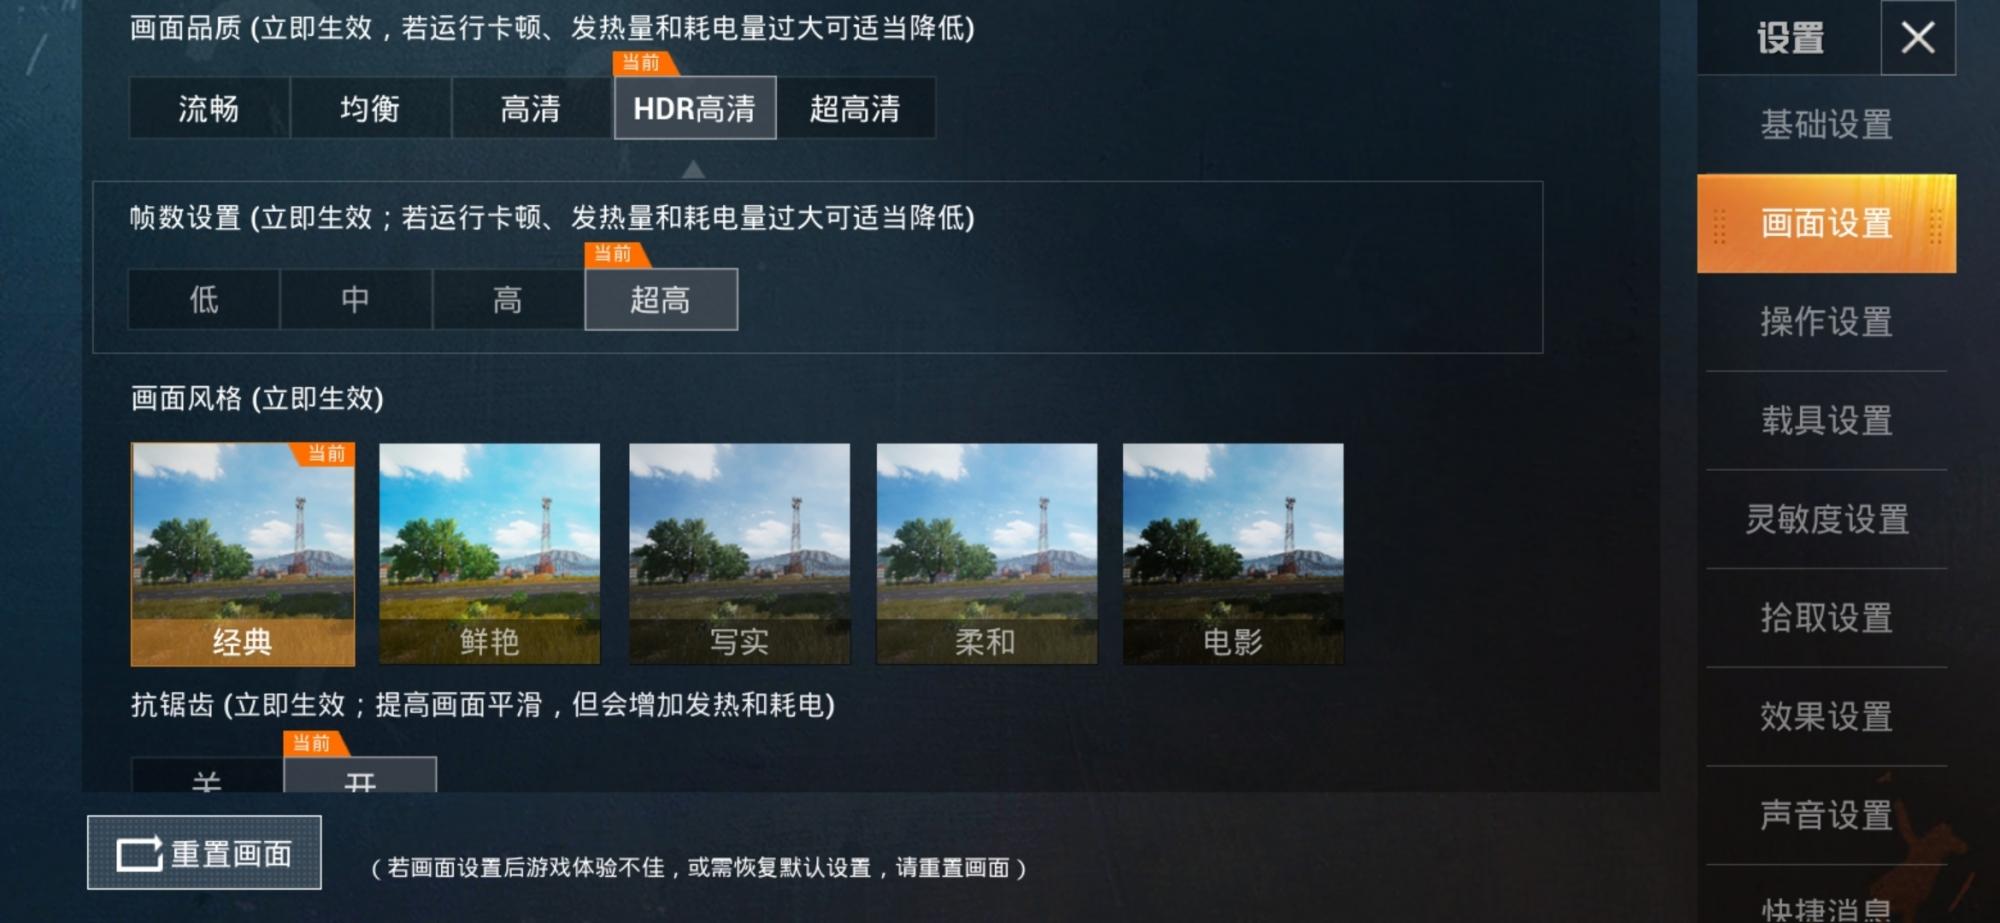 Screenshot_20190608_204345_com.tencent.tmgp.pubgmhd.jpg